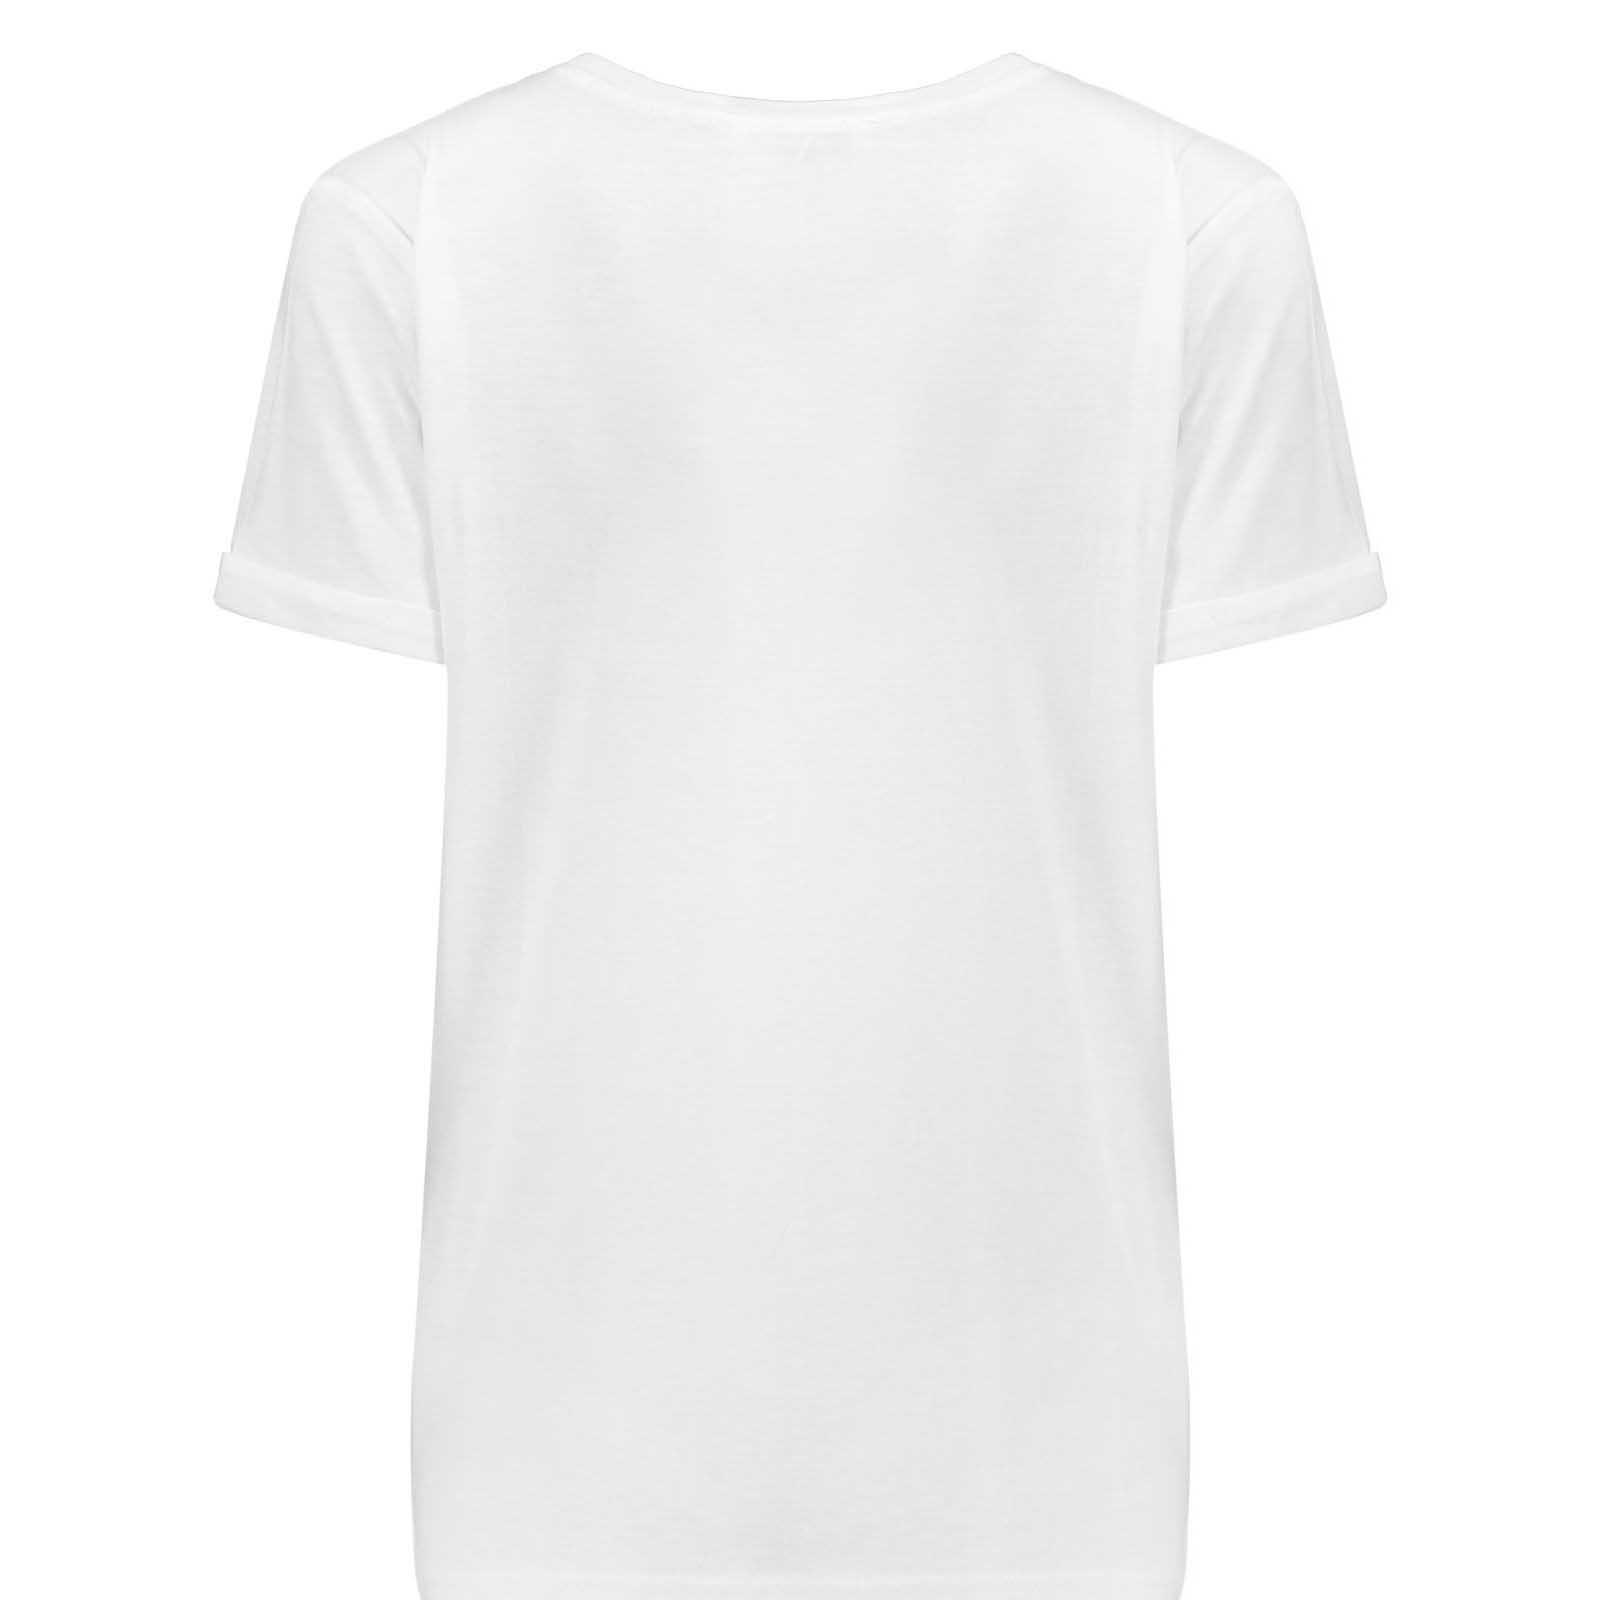 تیشرت آستین کوتاه زنانه کد b13 رنگ سفید